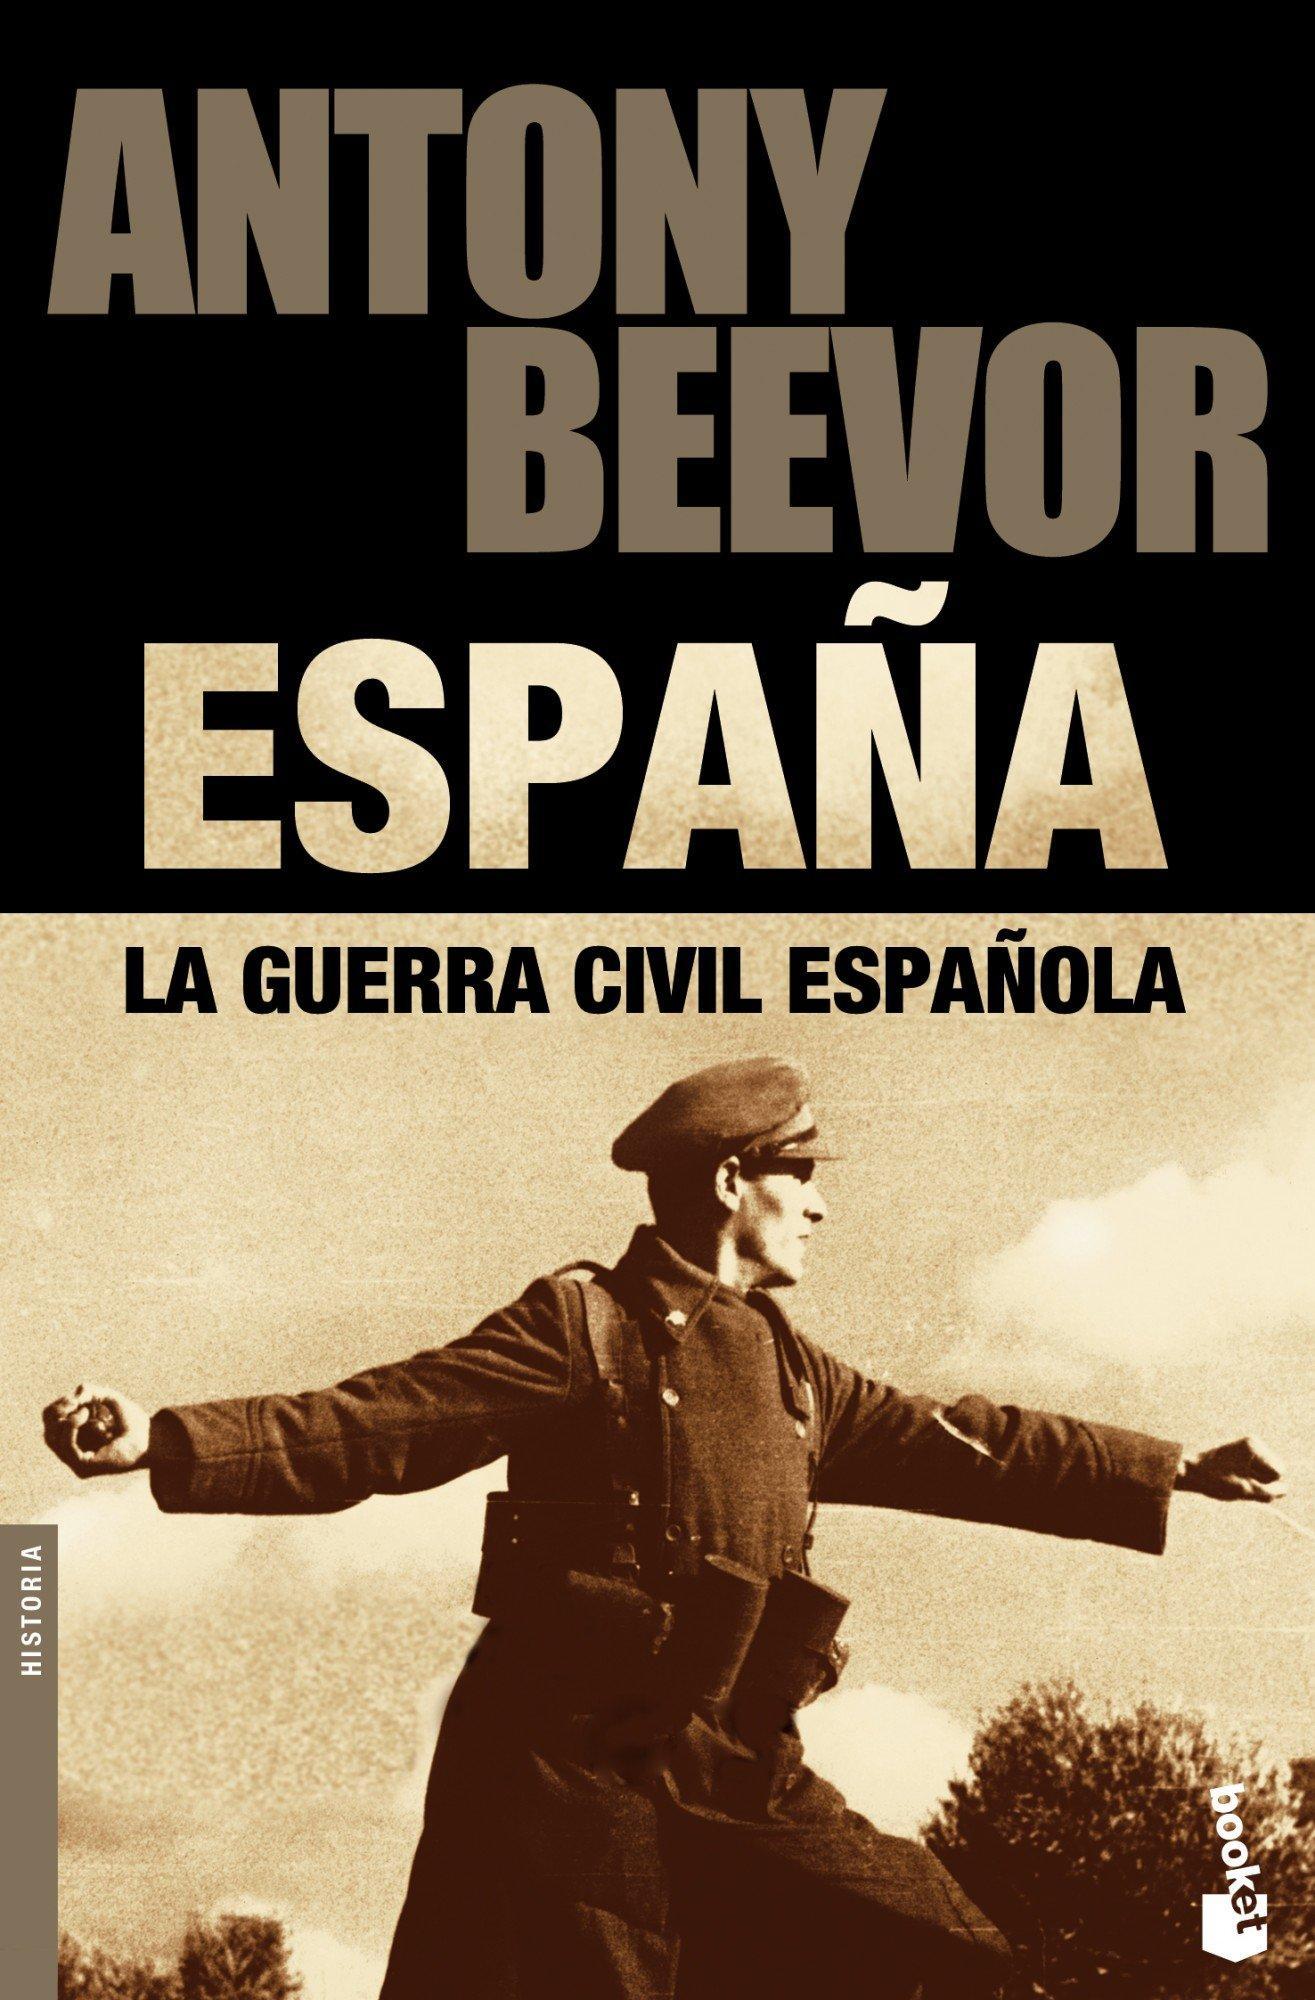 Portada del libro La guerra civil española, de Antony Beevor